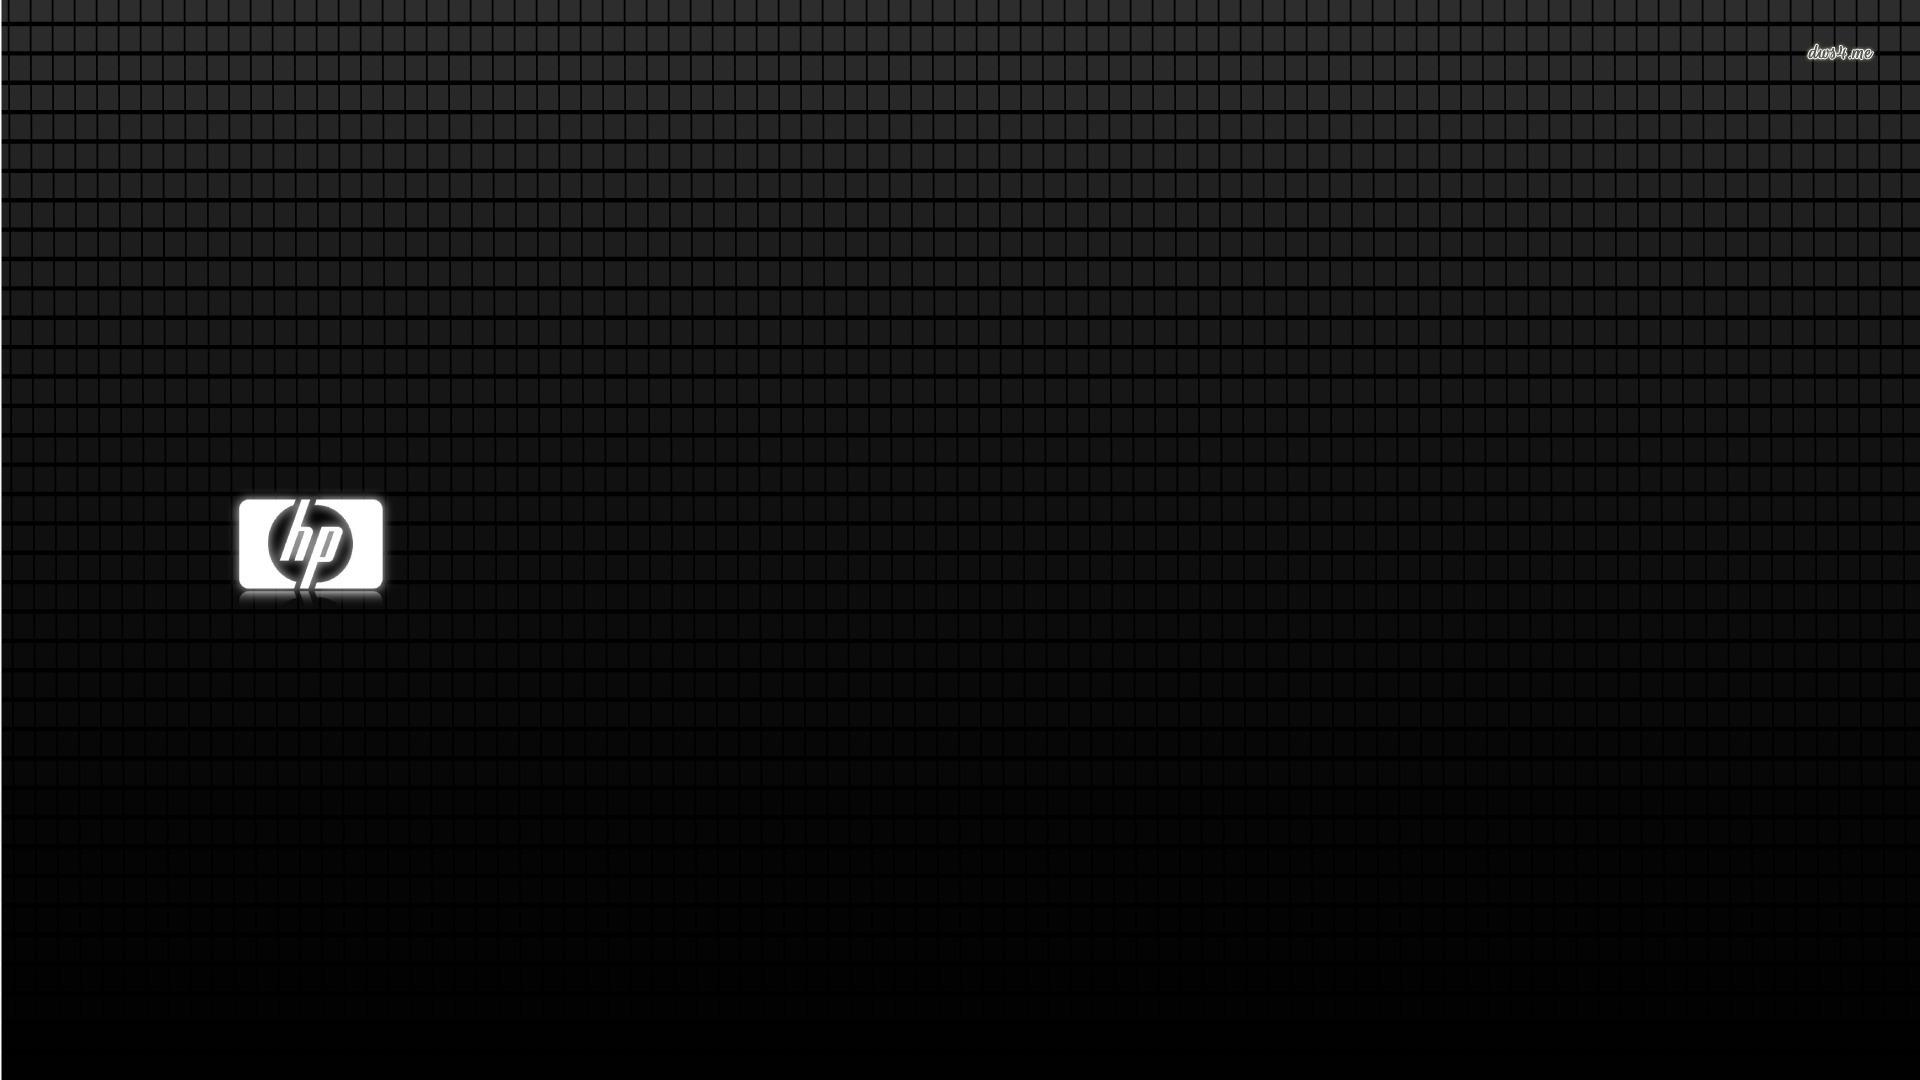 desktop backgrounds hp #20